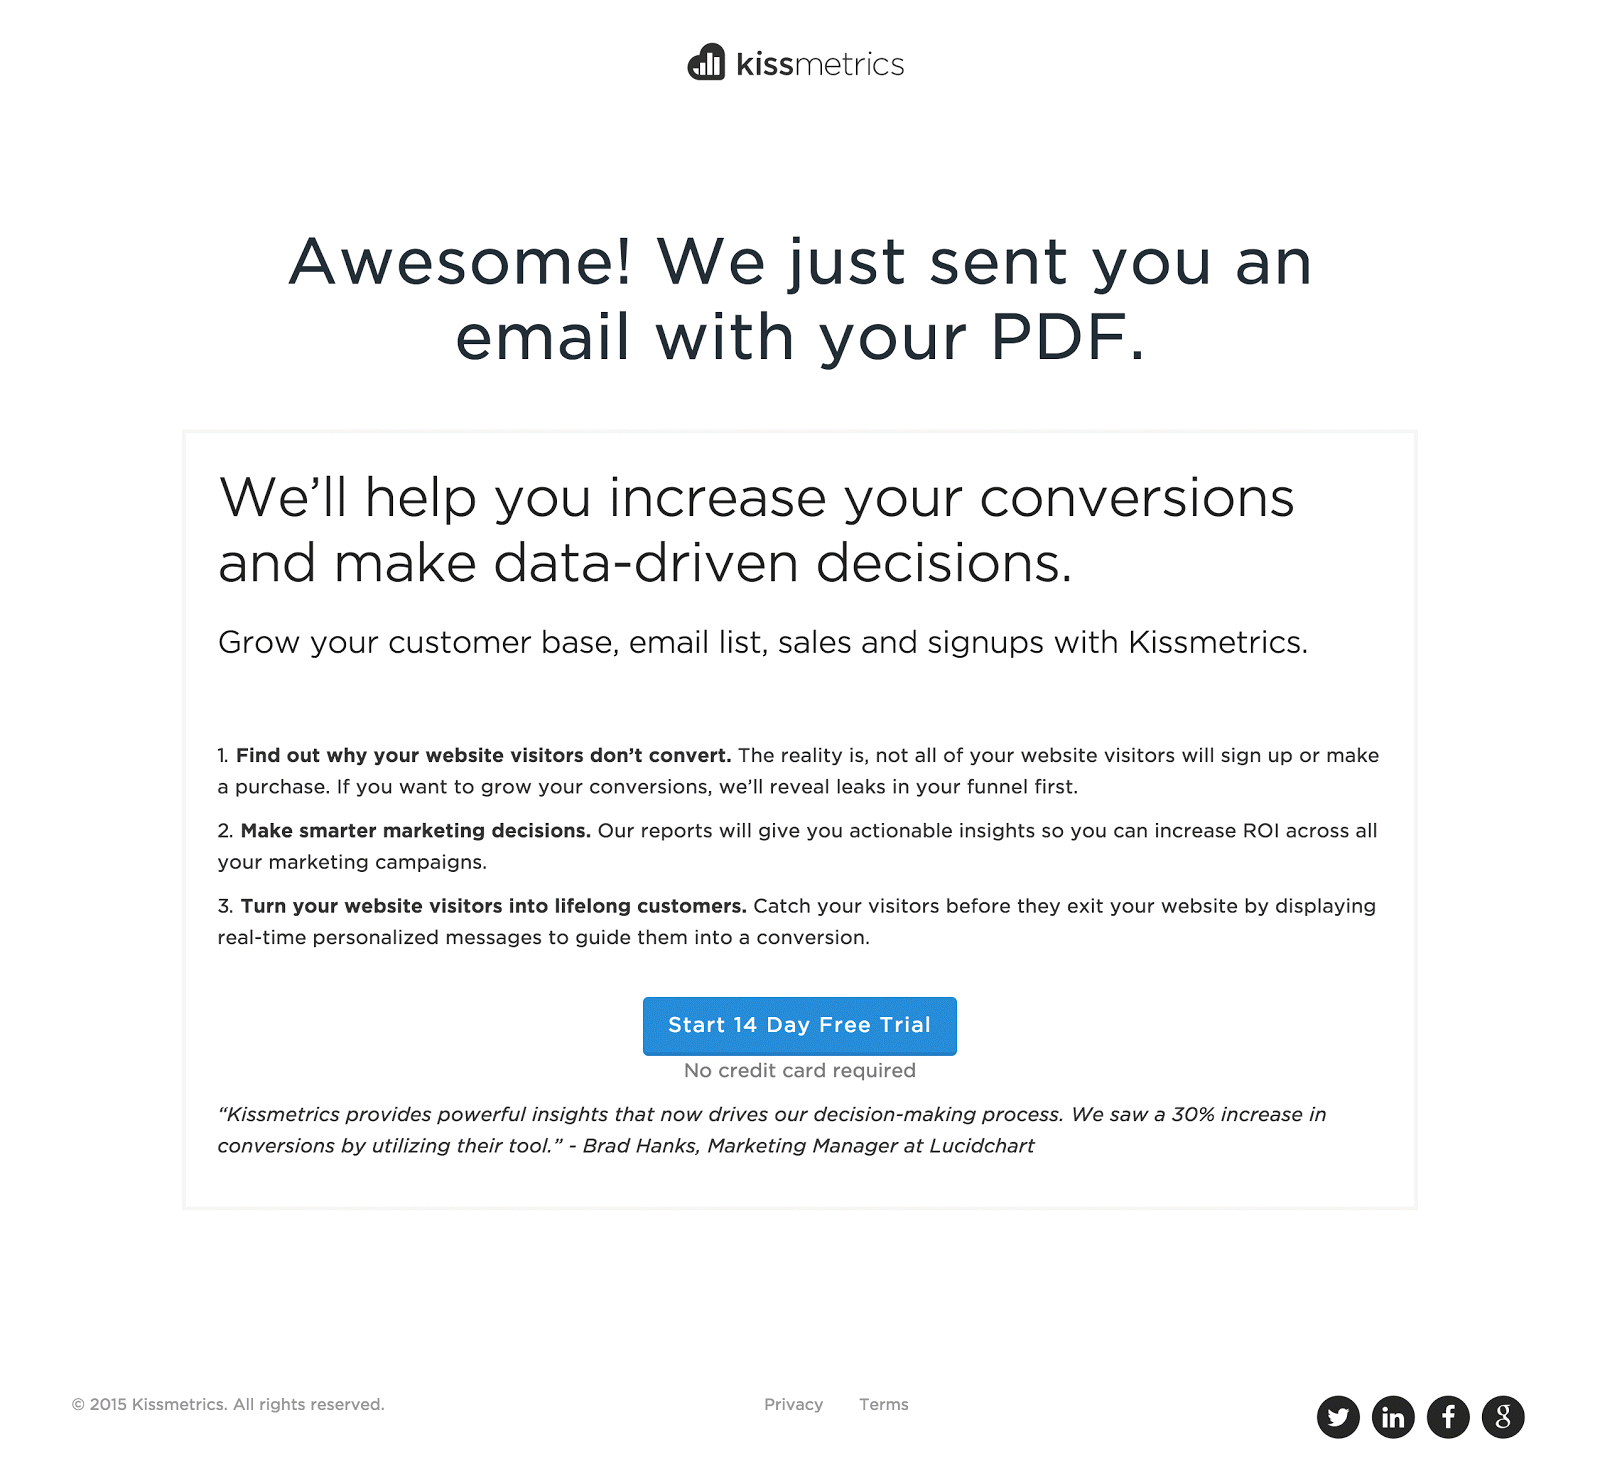 kissmetrics-thank-you-page